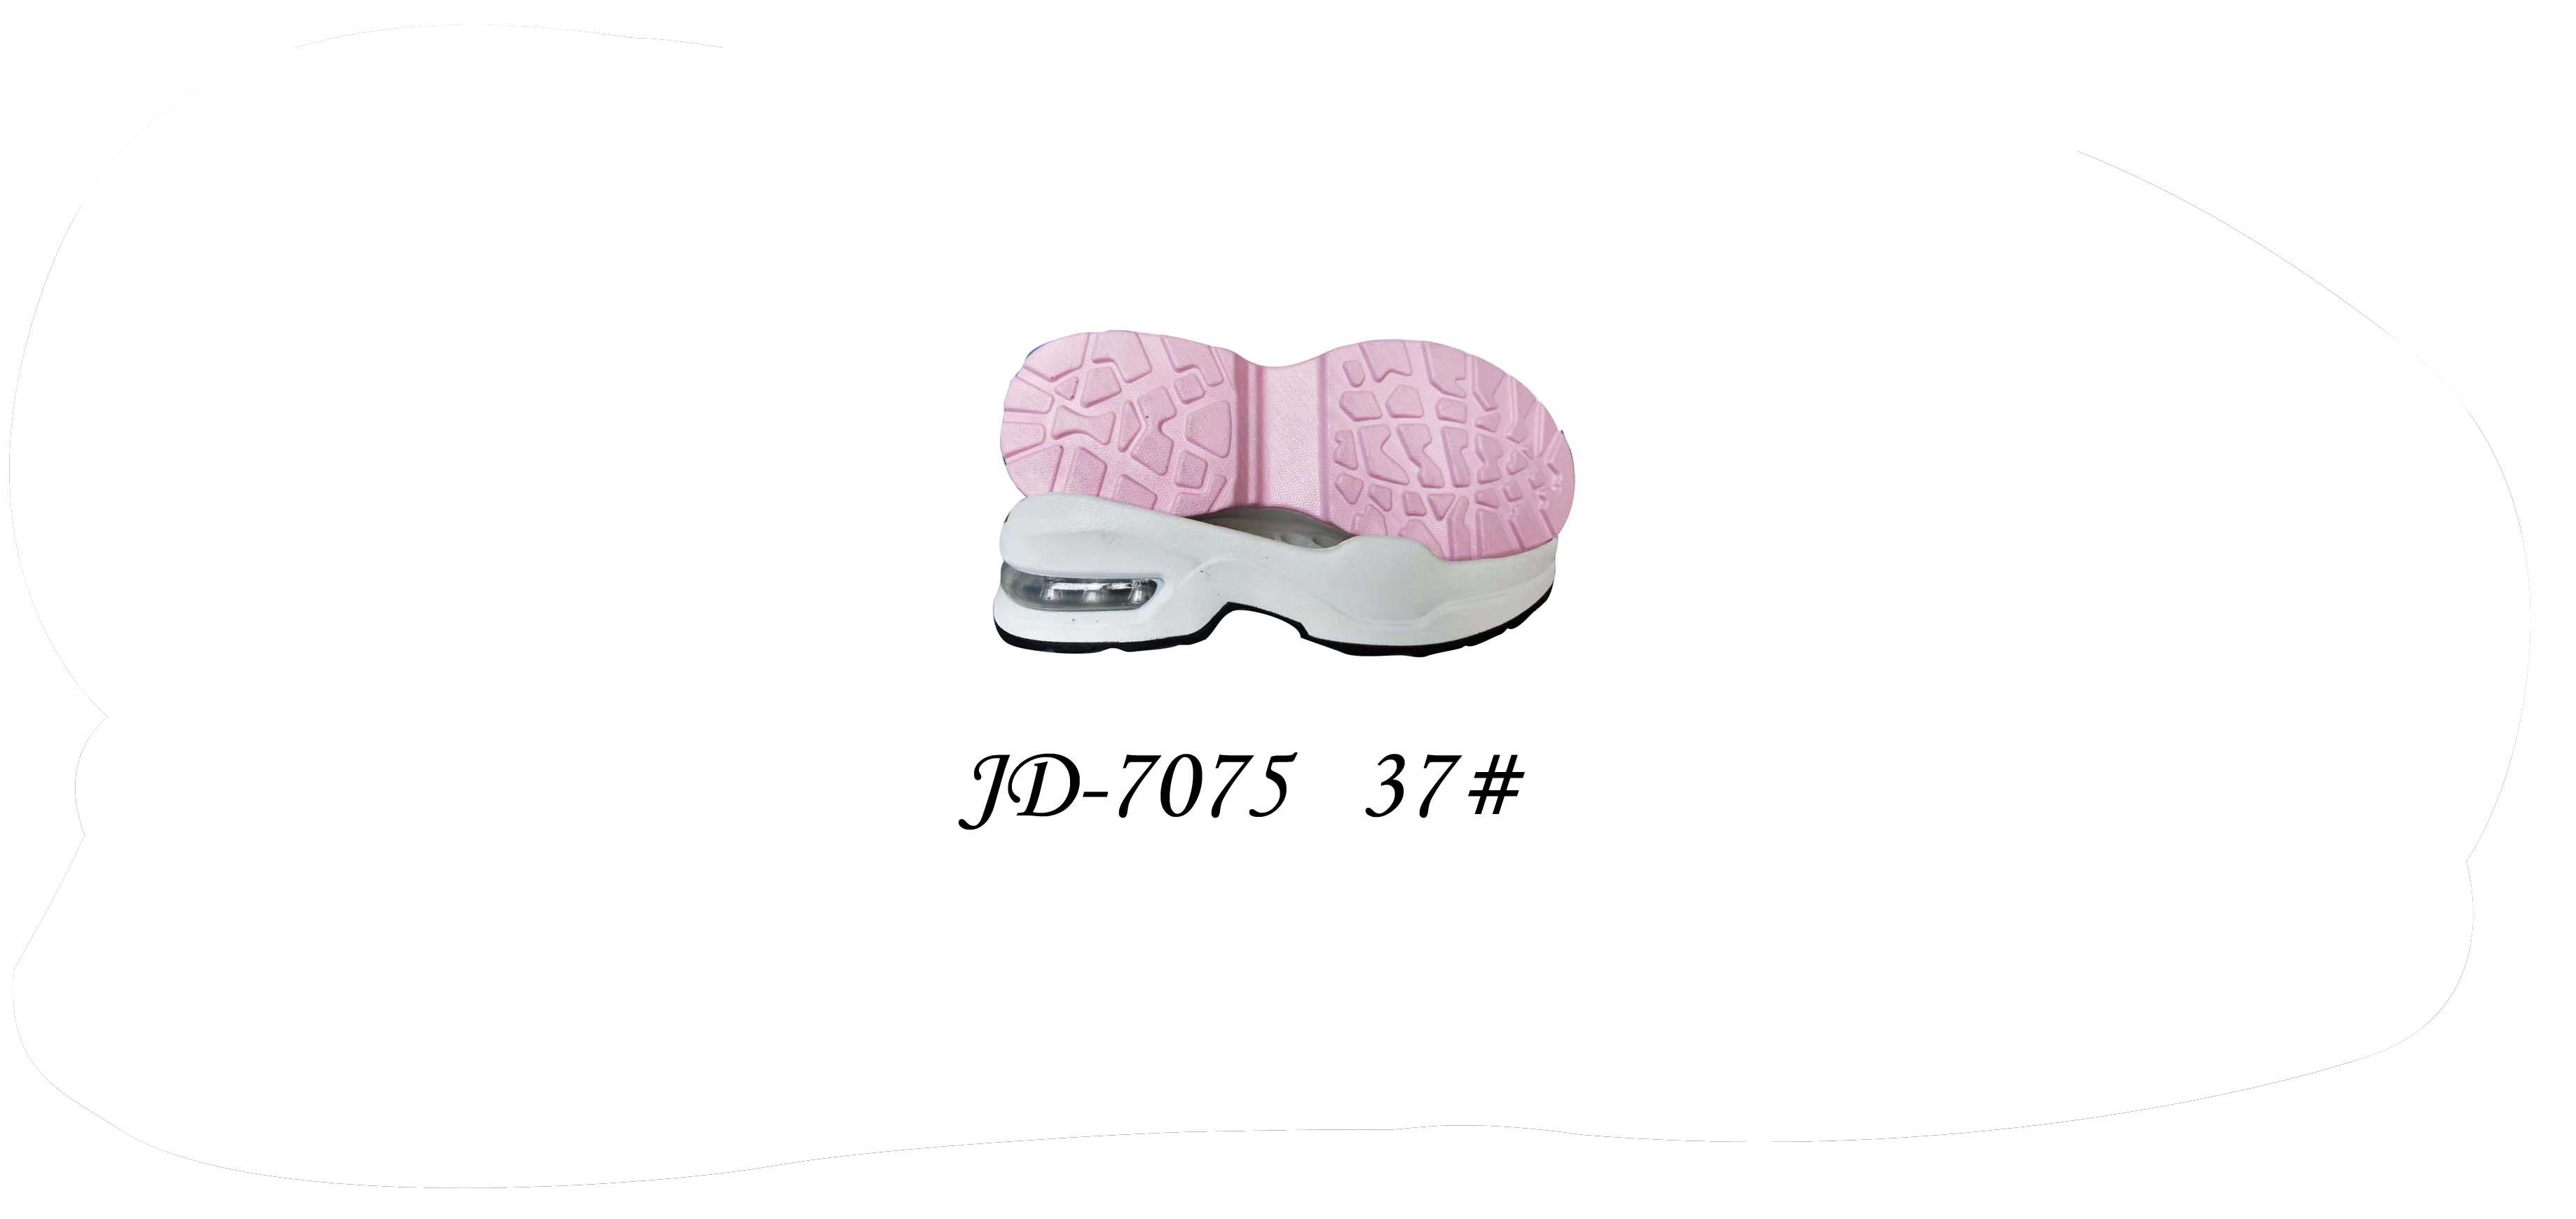 鞋底 PU 女段 休闲鞋 单色 37 一体 JD-7075